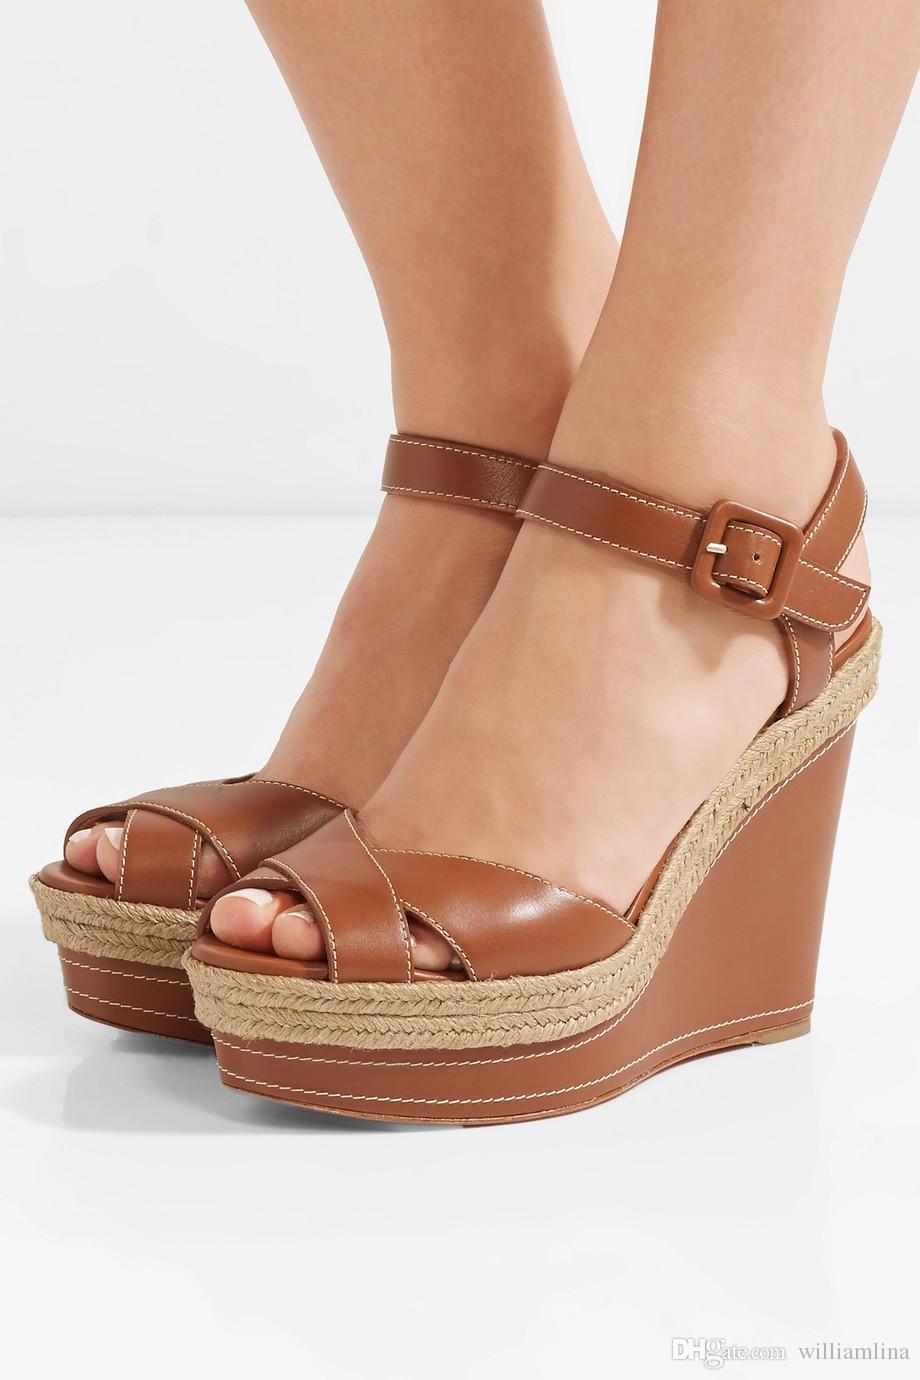 dd4ef63bc0f Summer platform wedge almeria leather red bottom ladies wedges women jpg  920x1380 Platform evening sandals